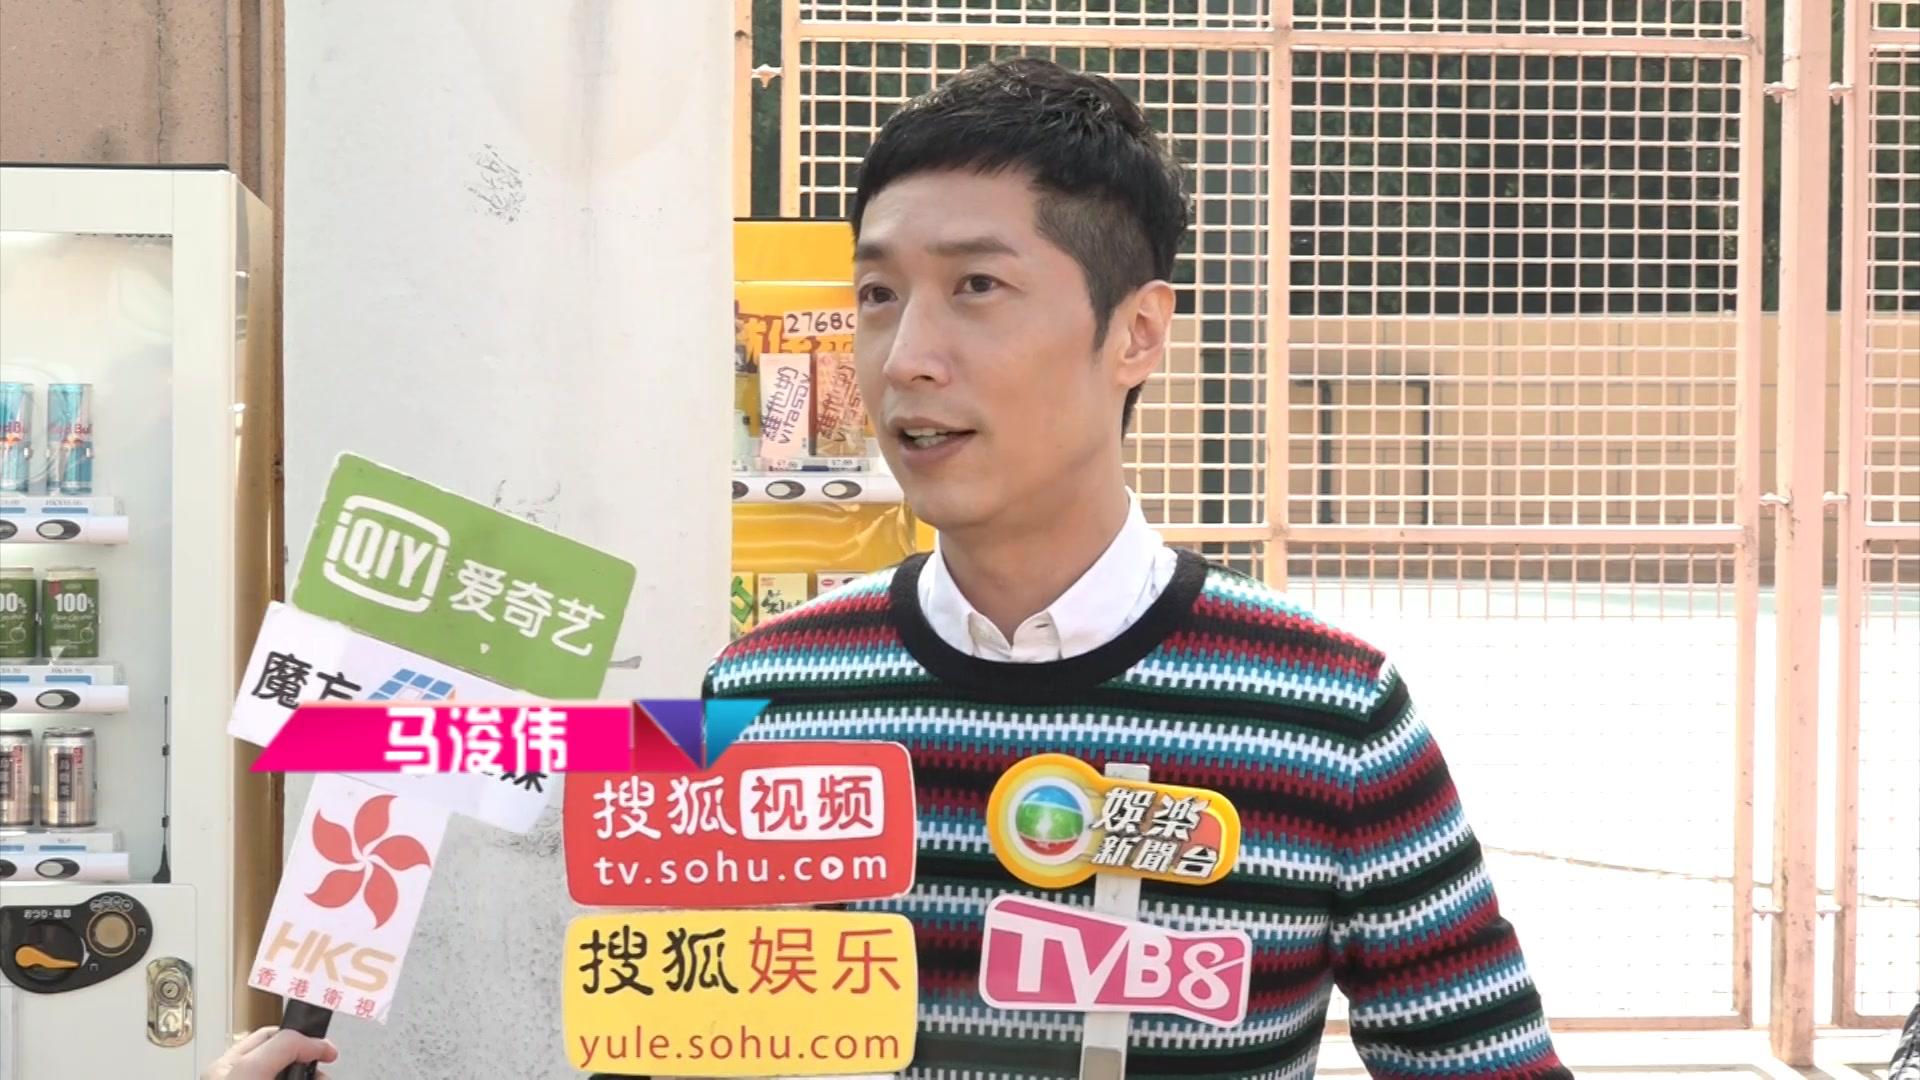 魔幻方格_香港记者资讯站 - 搜狐视频